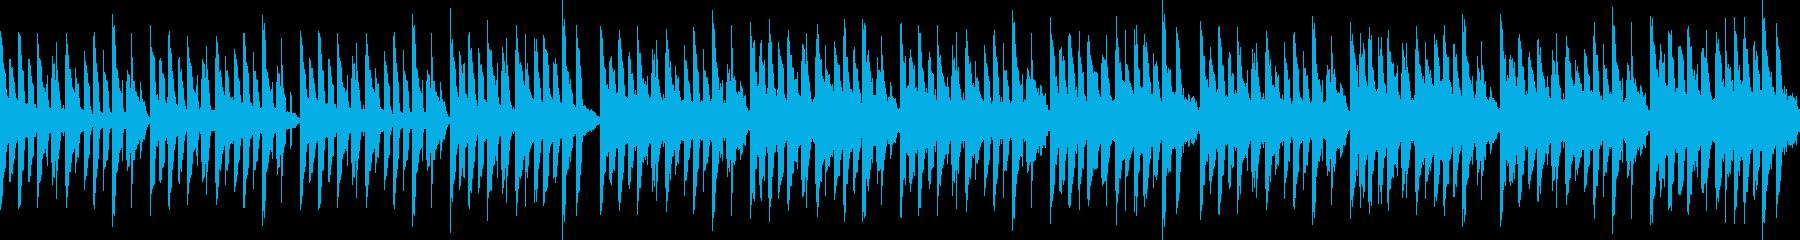 悲しいけれど前を向いてな曲(ループ仕様)の再生済みの波形